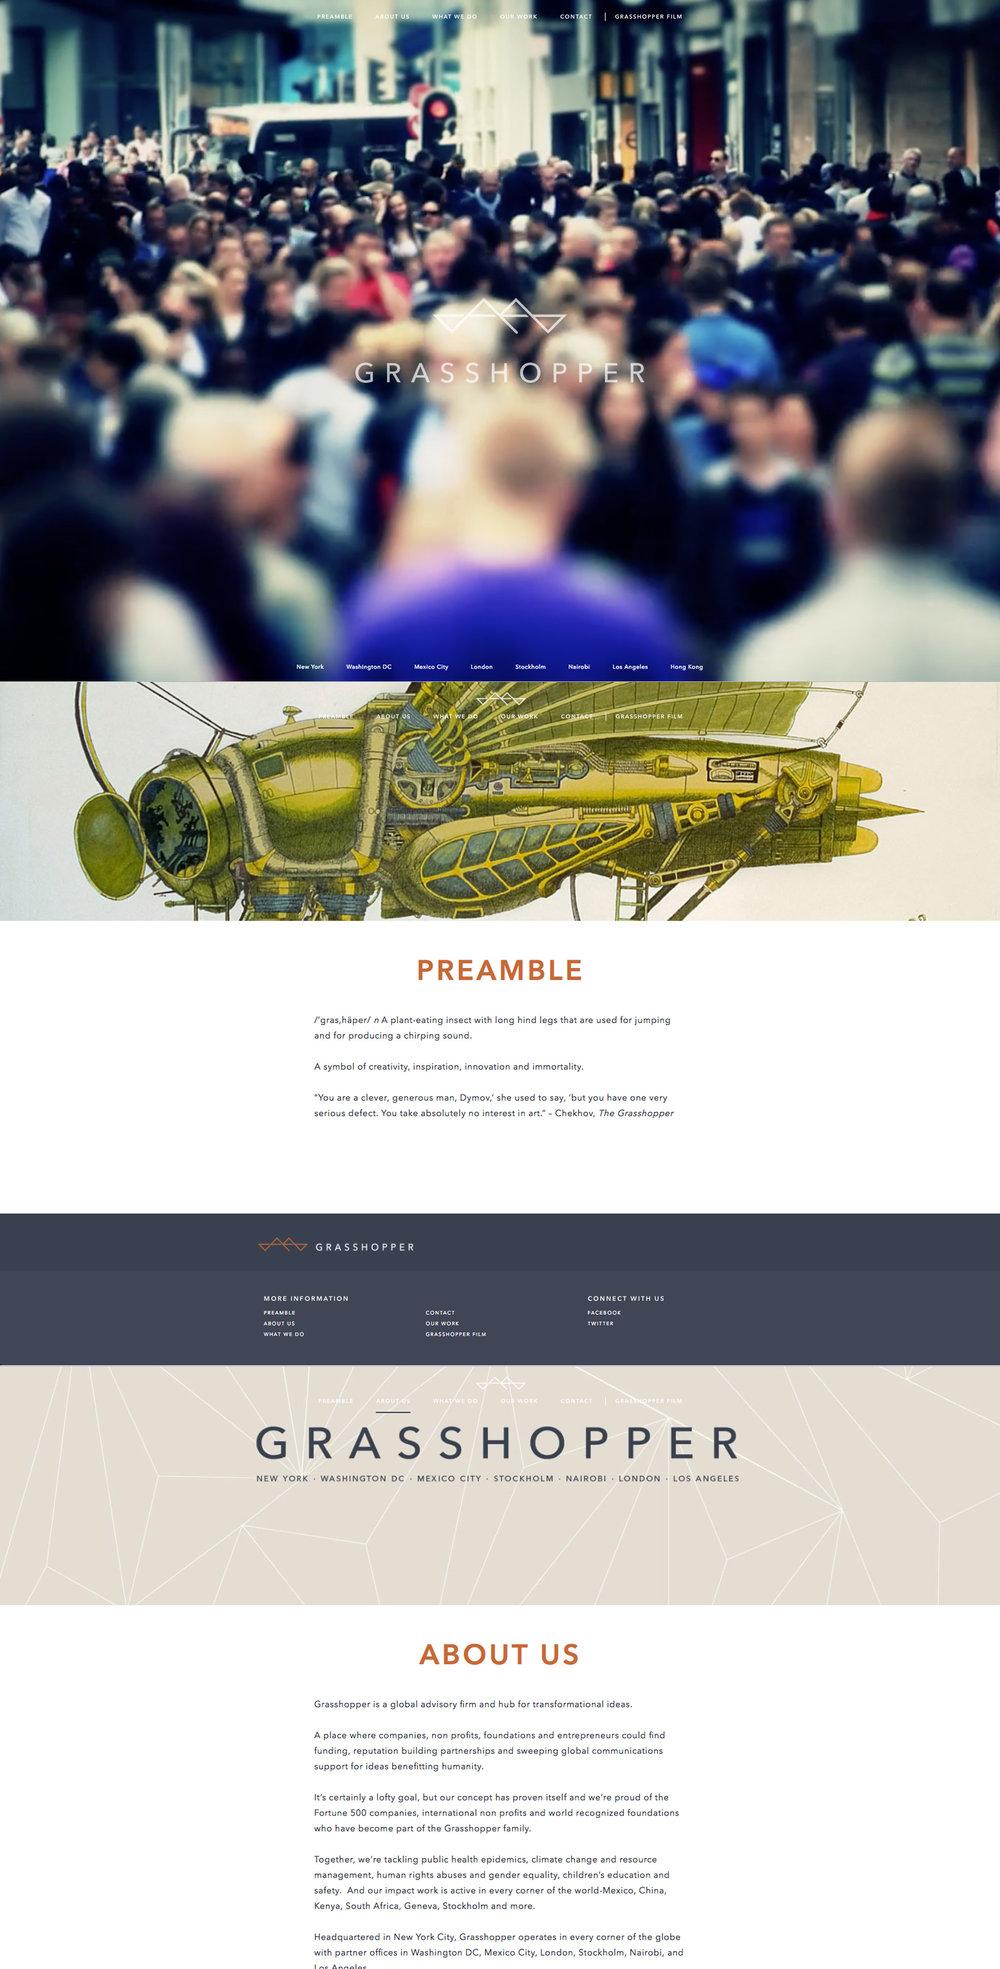 Grasshopper Global